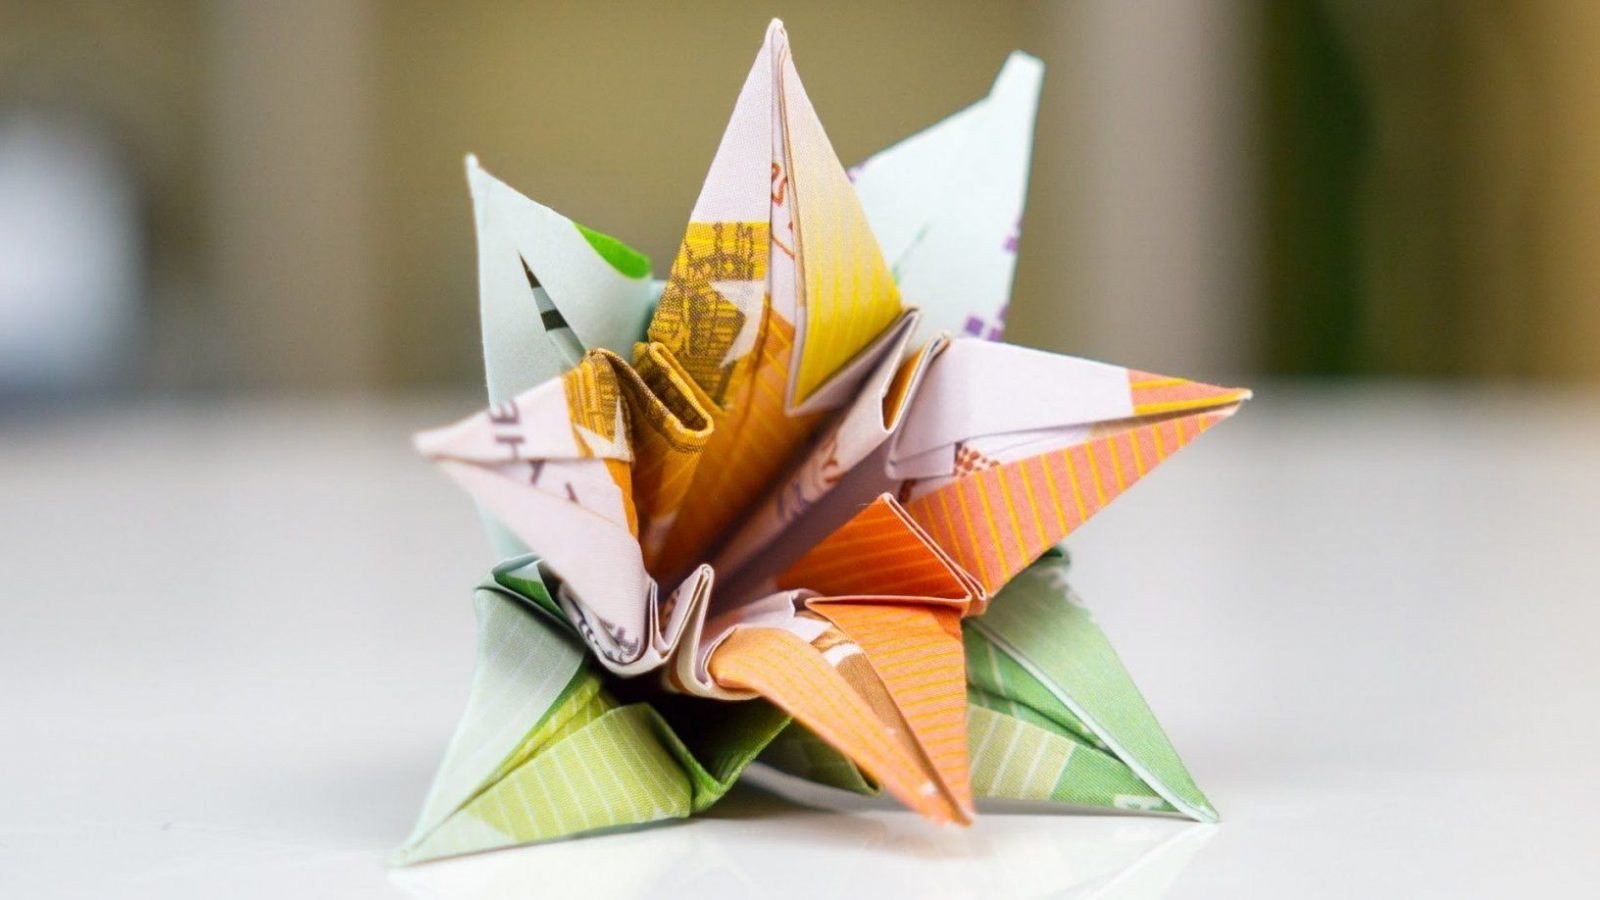 Blume Geldscheine Falten Anleitung Zum Selbermachen  Deko & Feiern von Blumen Falten Aus Geldscheinen Bild